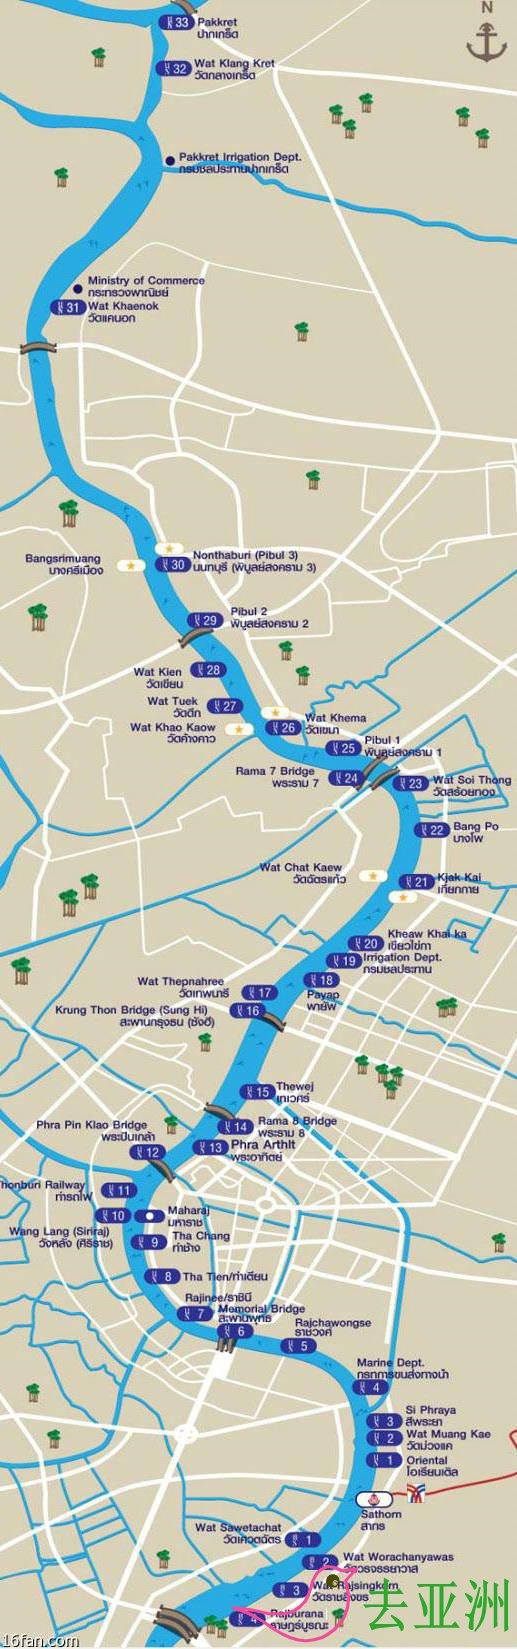 曼谷昭披耶河(Chao Phraya) 公交船路線圖